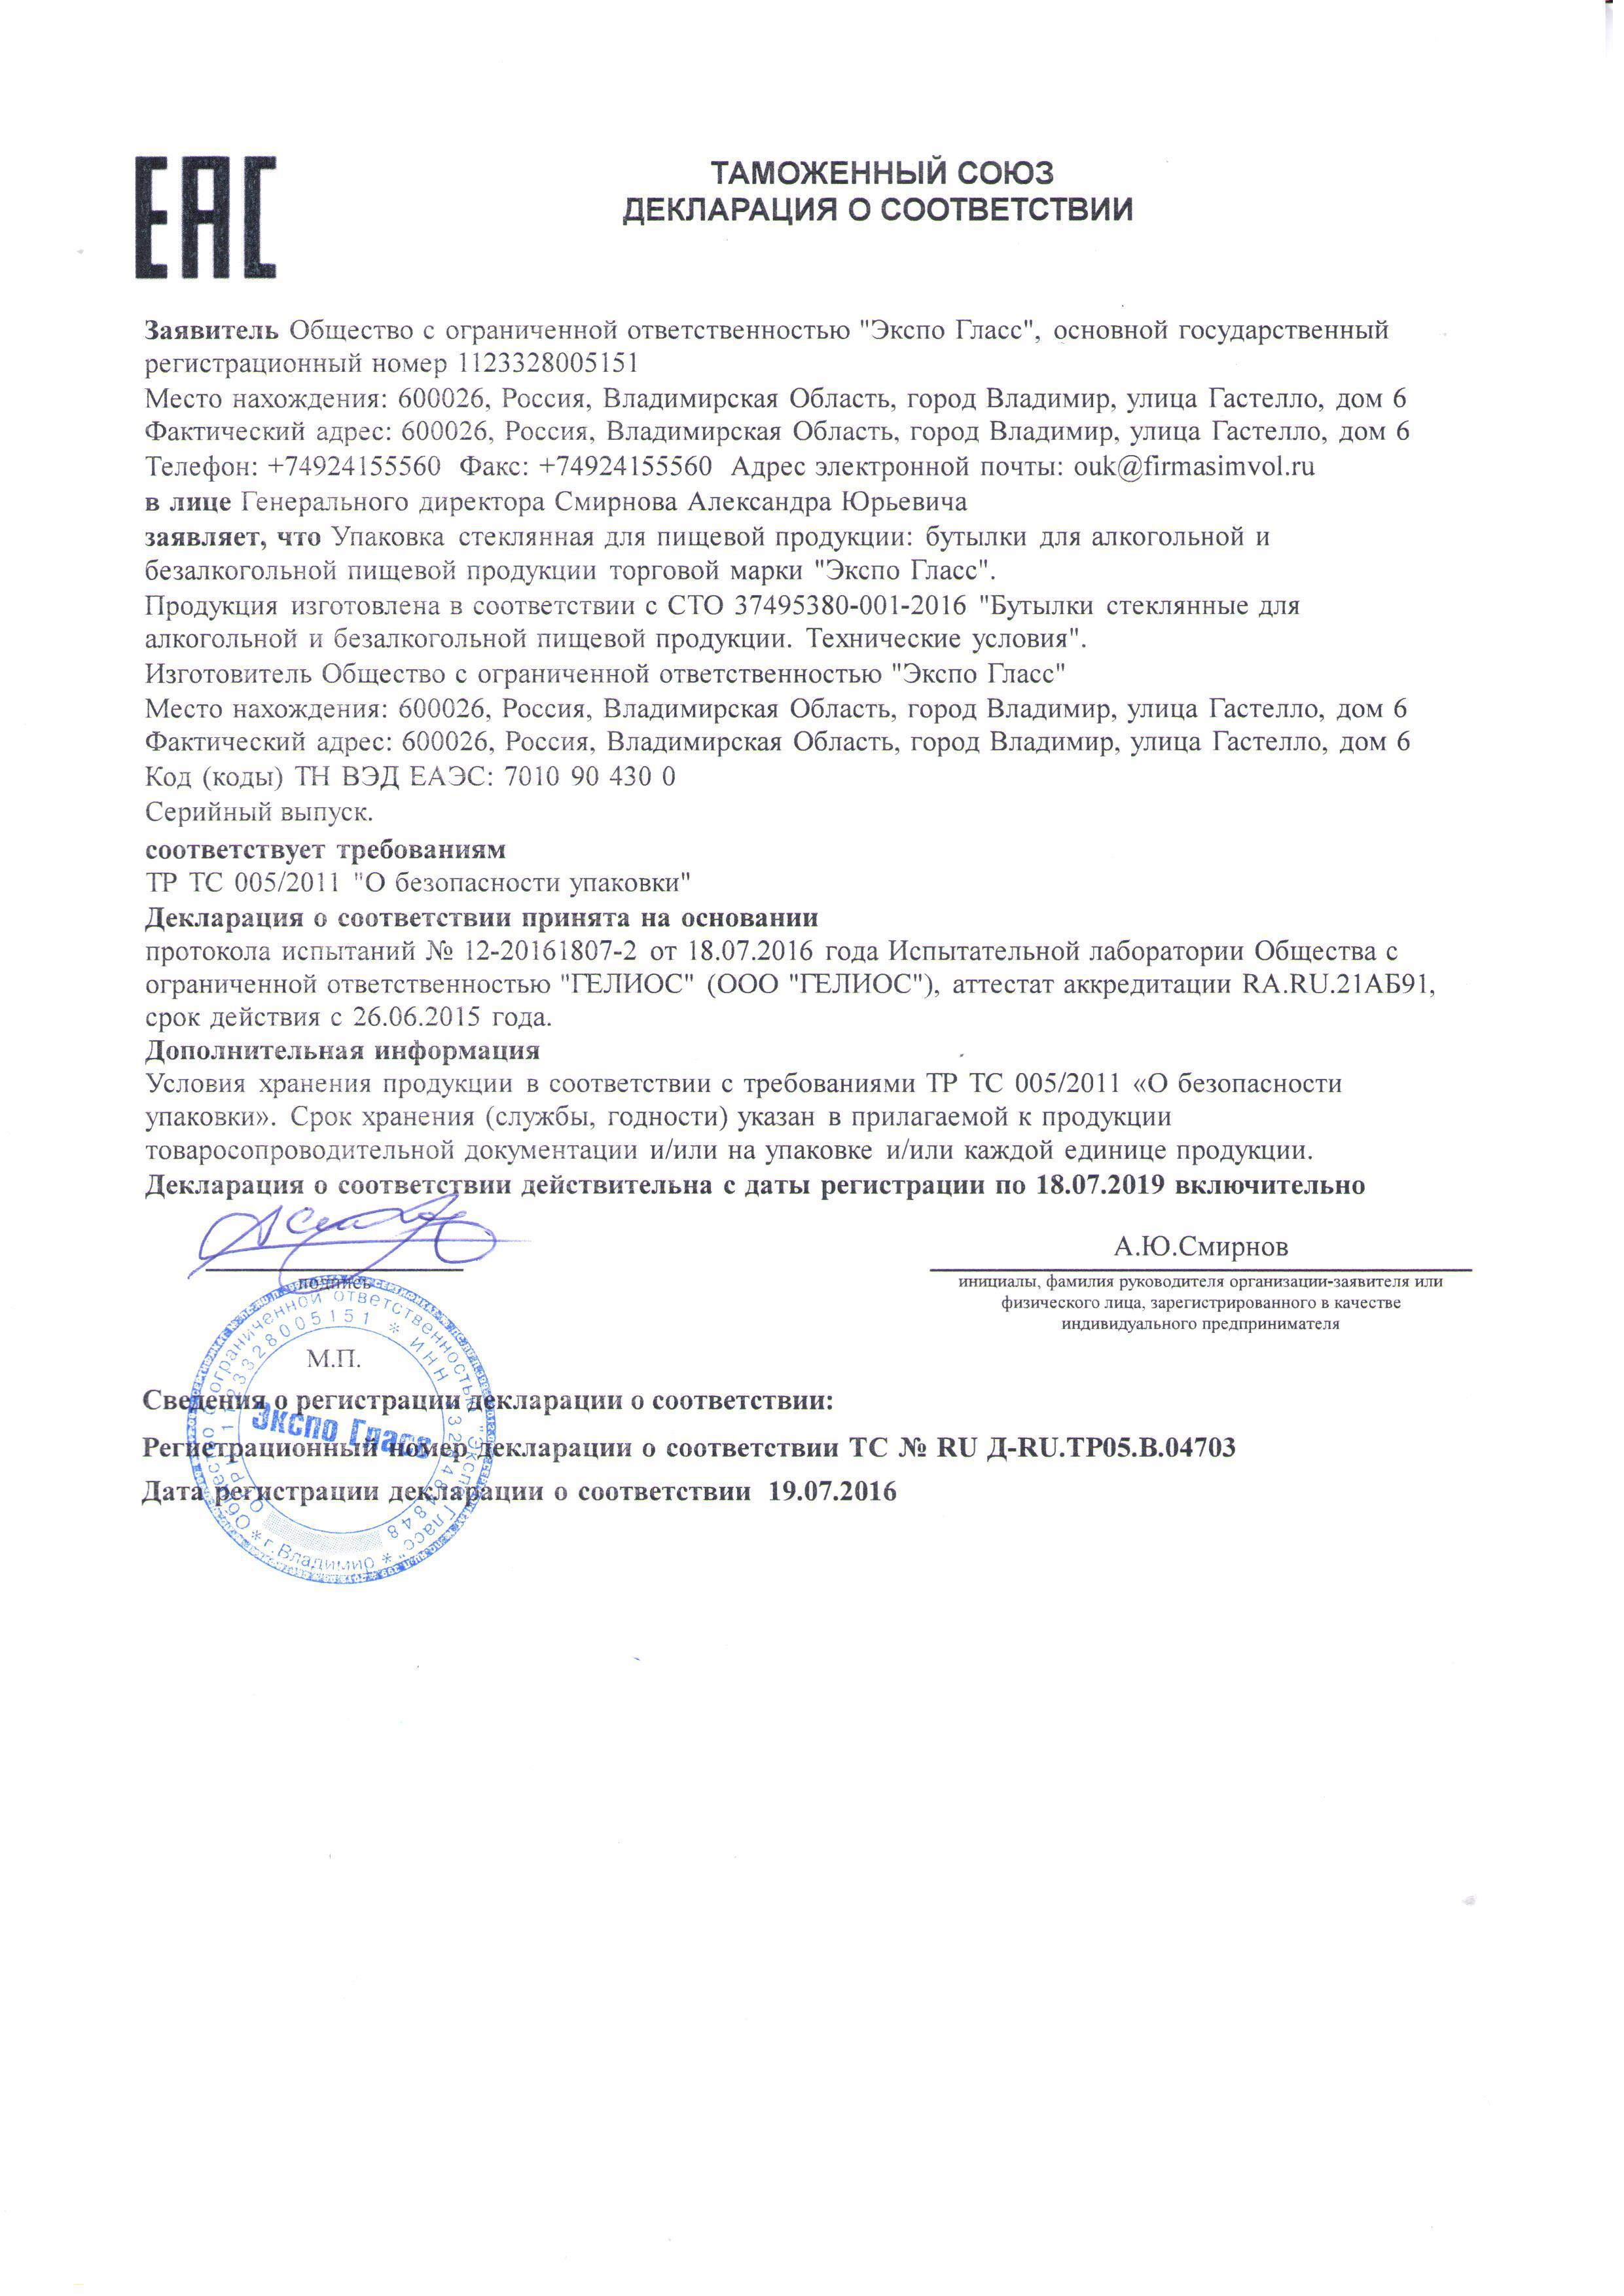 ТС № RU Д-RU ТР05.В.04703